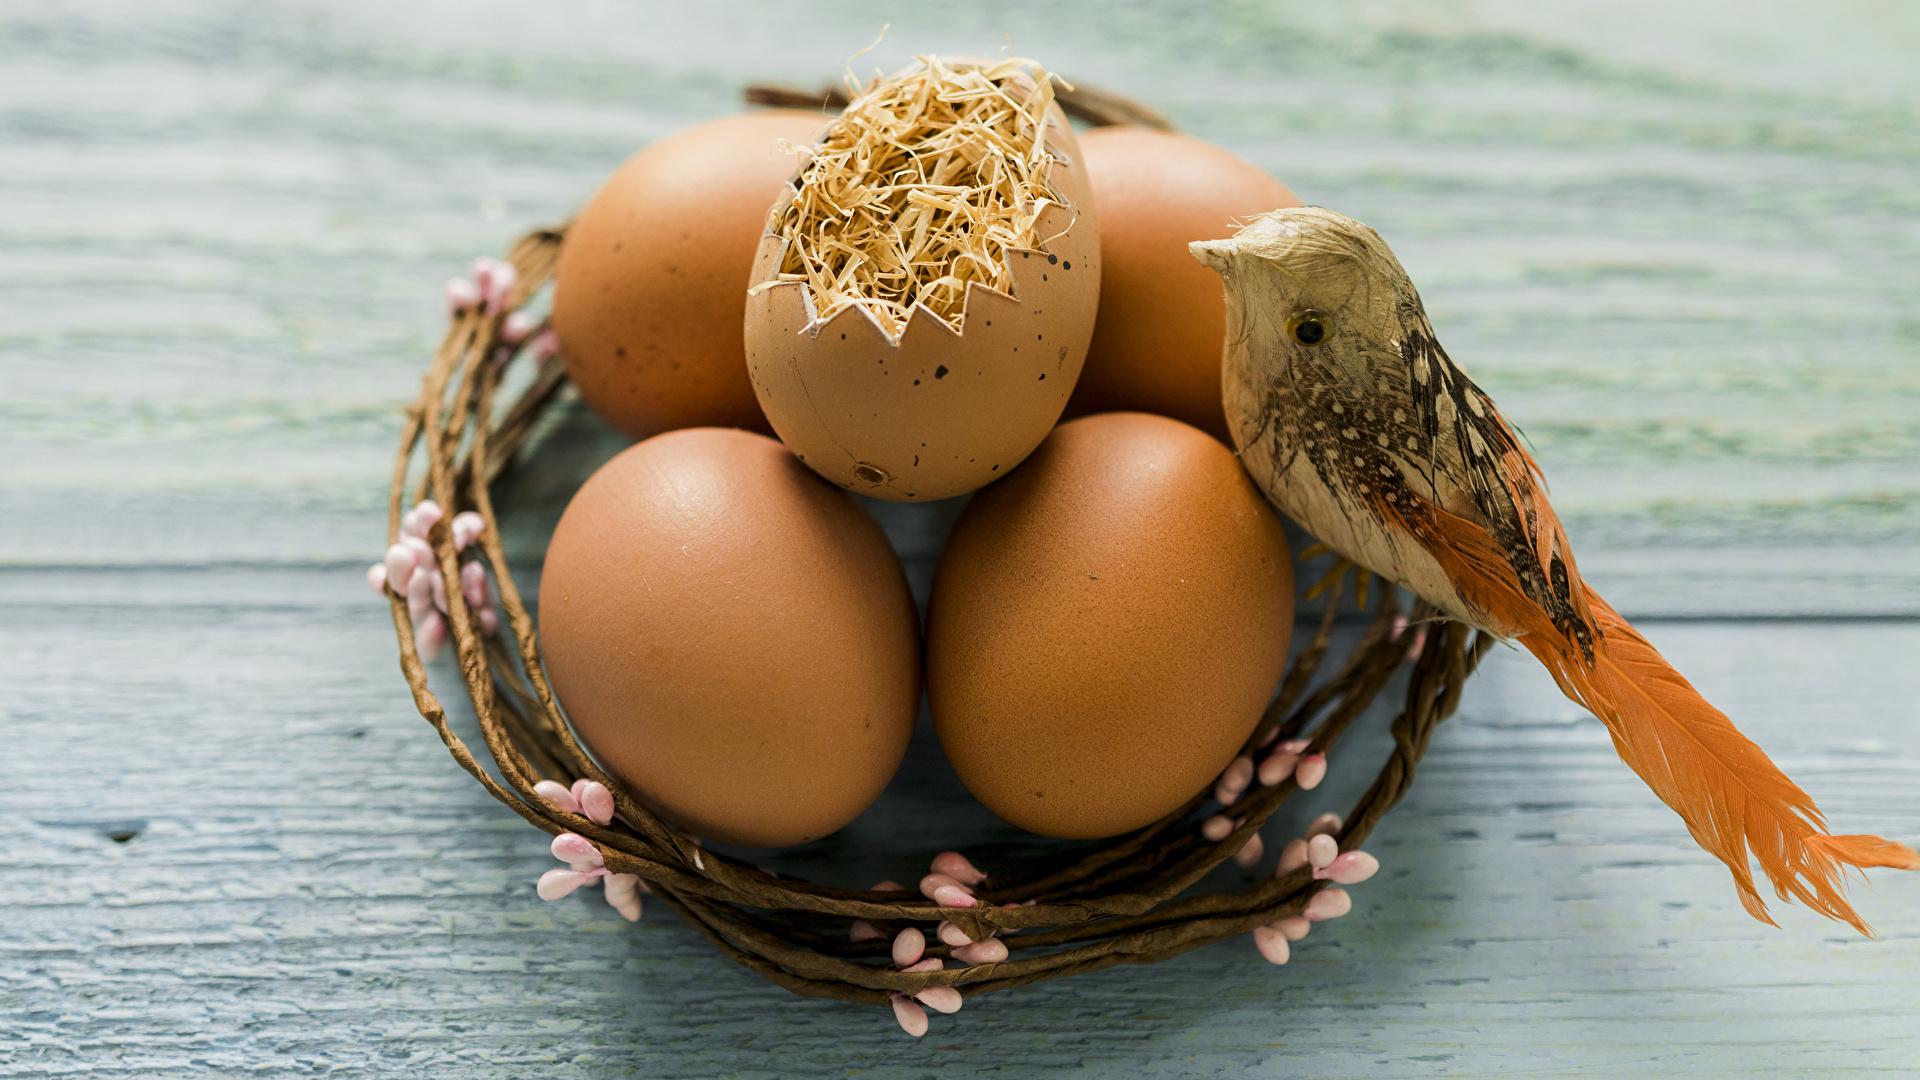 Фото Пасха Птицы яйцами гнезда Праздники Доски 1920x1080 птица яиц яйцо Яйца Гнездо гнезде